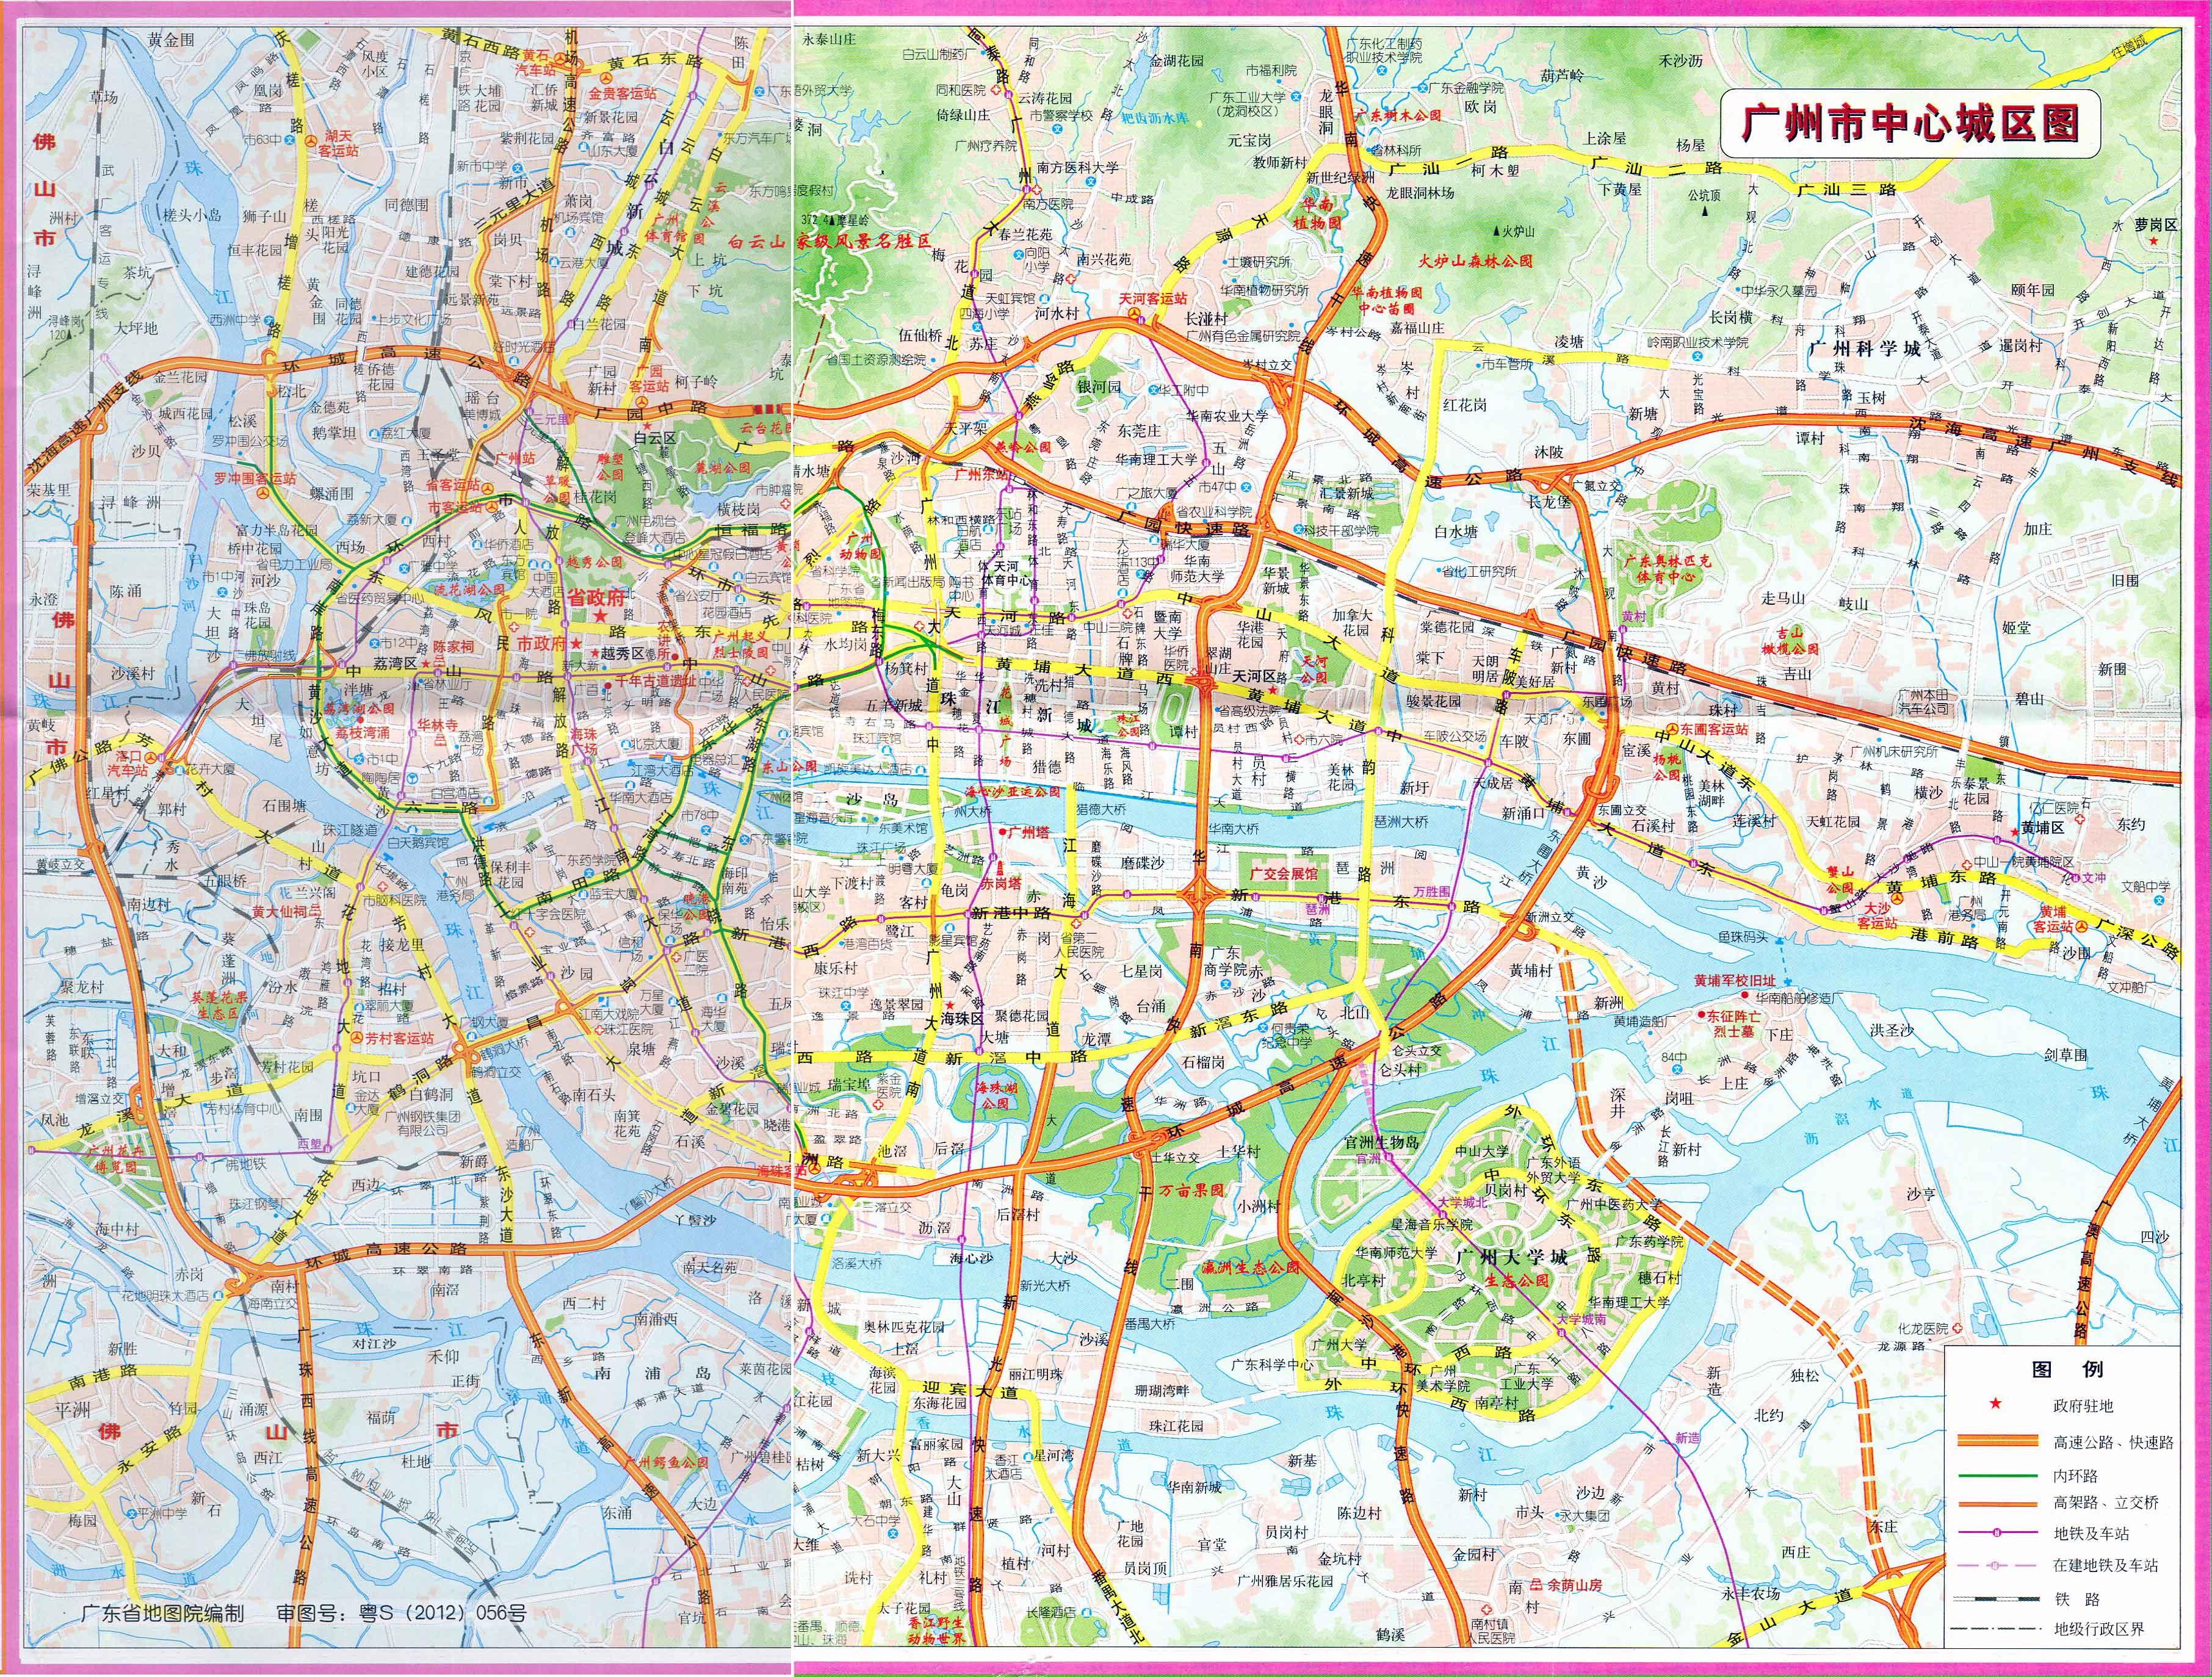 广州地图全图高清版